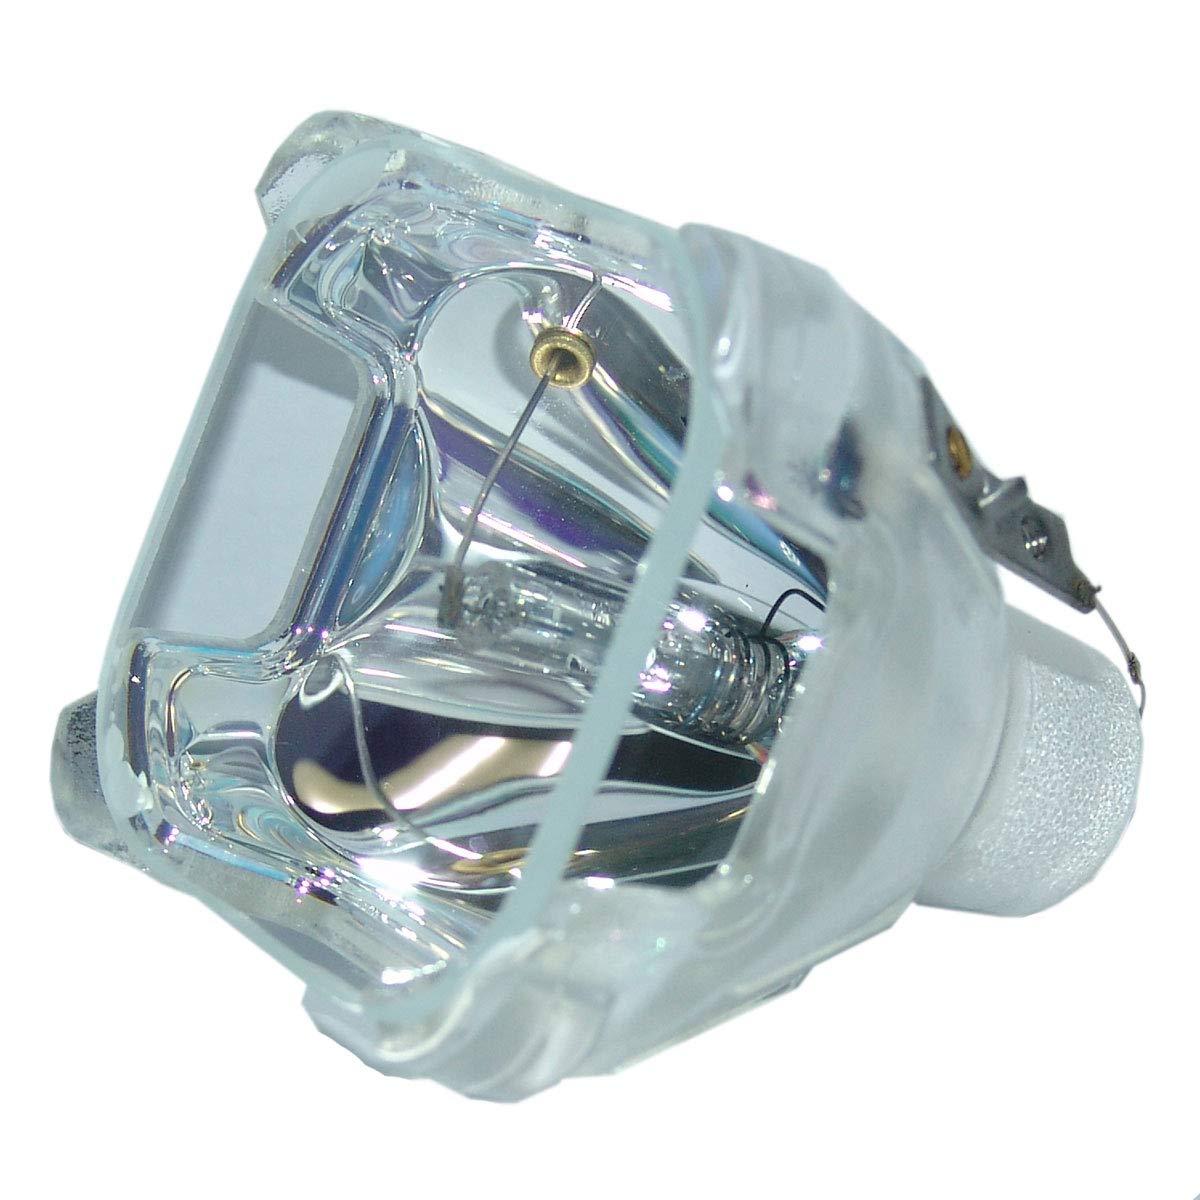 SpArc OEMプロジェクター交換用ランプ エンクロージャー/電球付き Eiki LC-XB22用 Economy Economy Lamp Only B07MJ3F8LZ